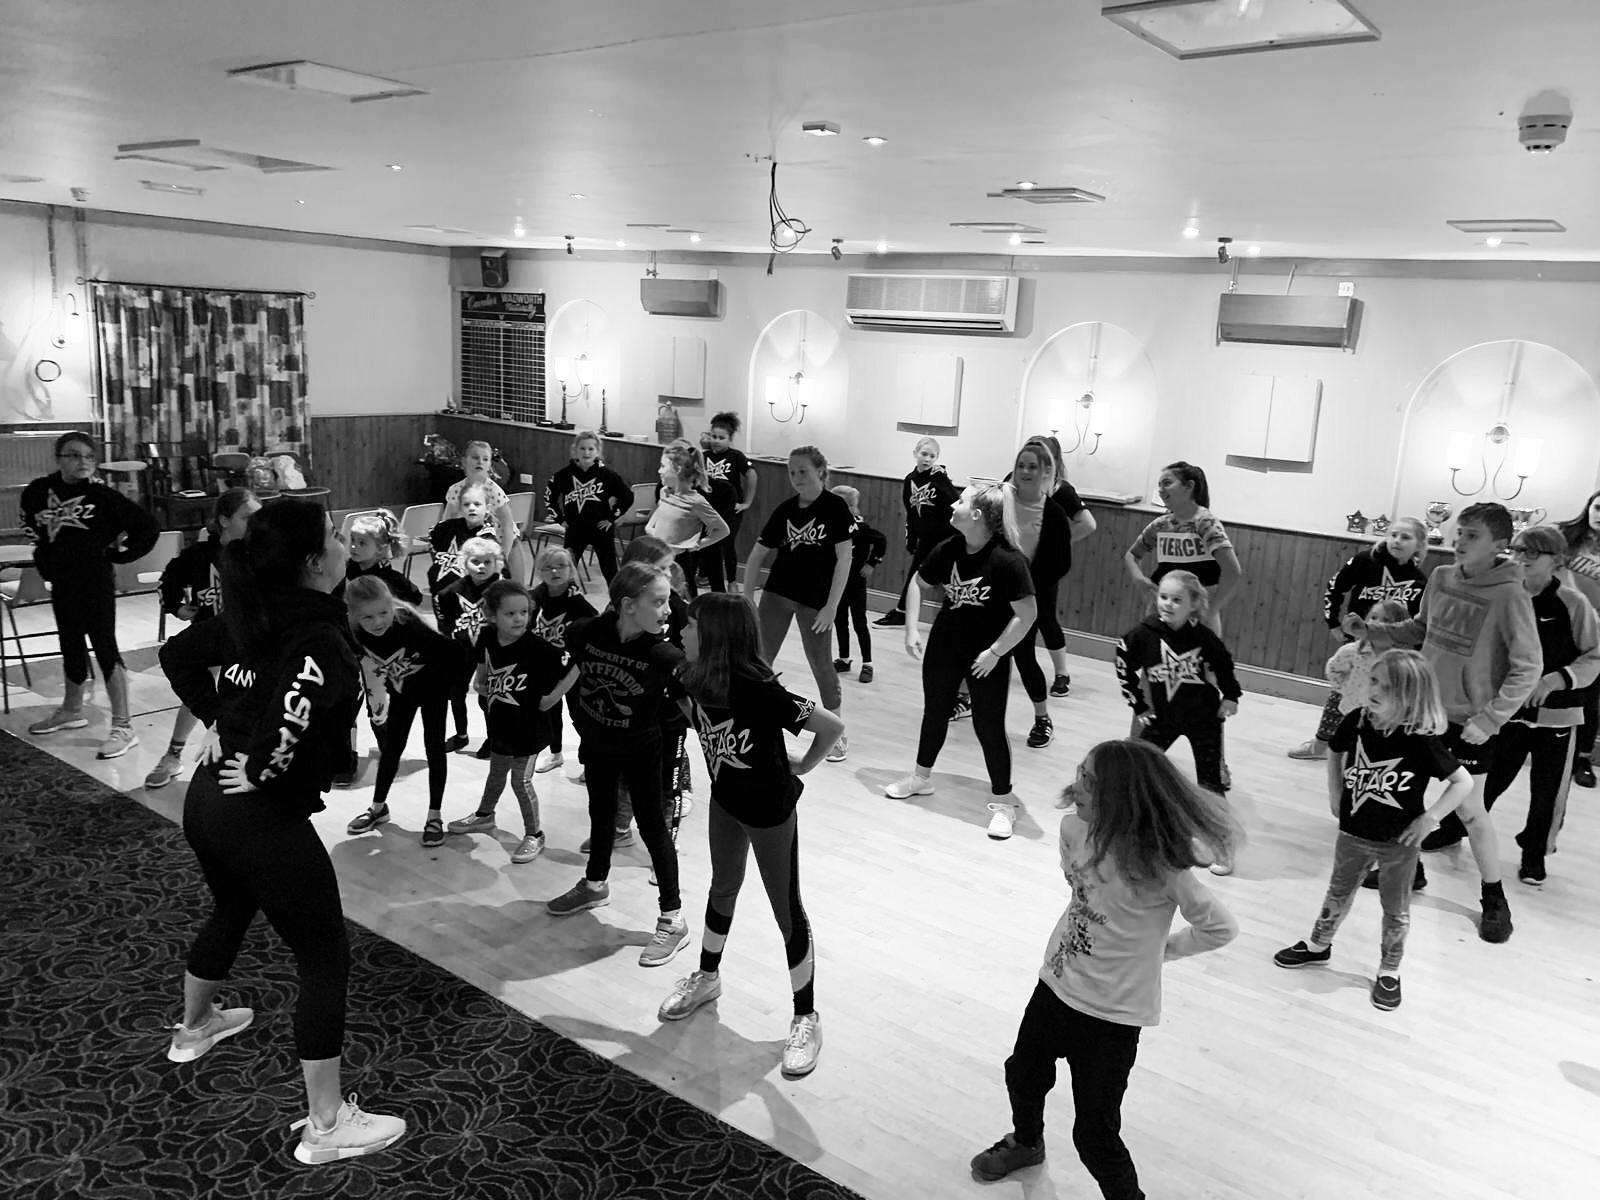 A children's dance class